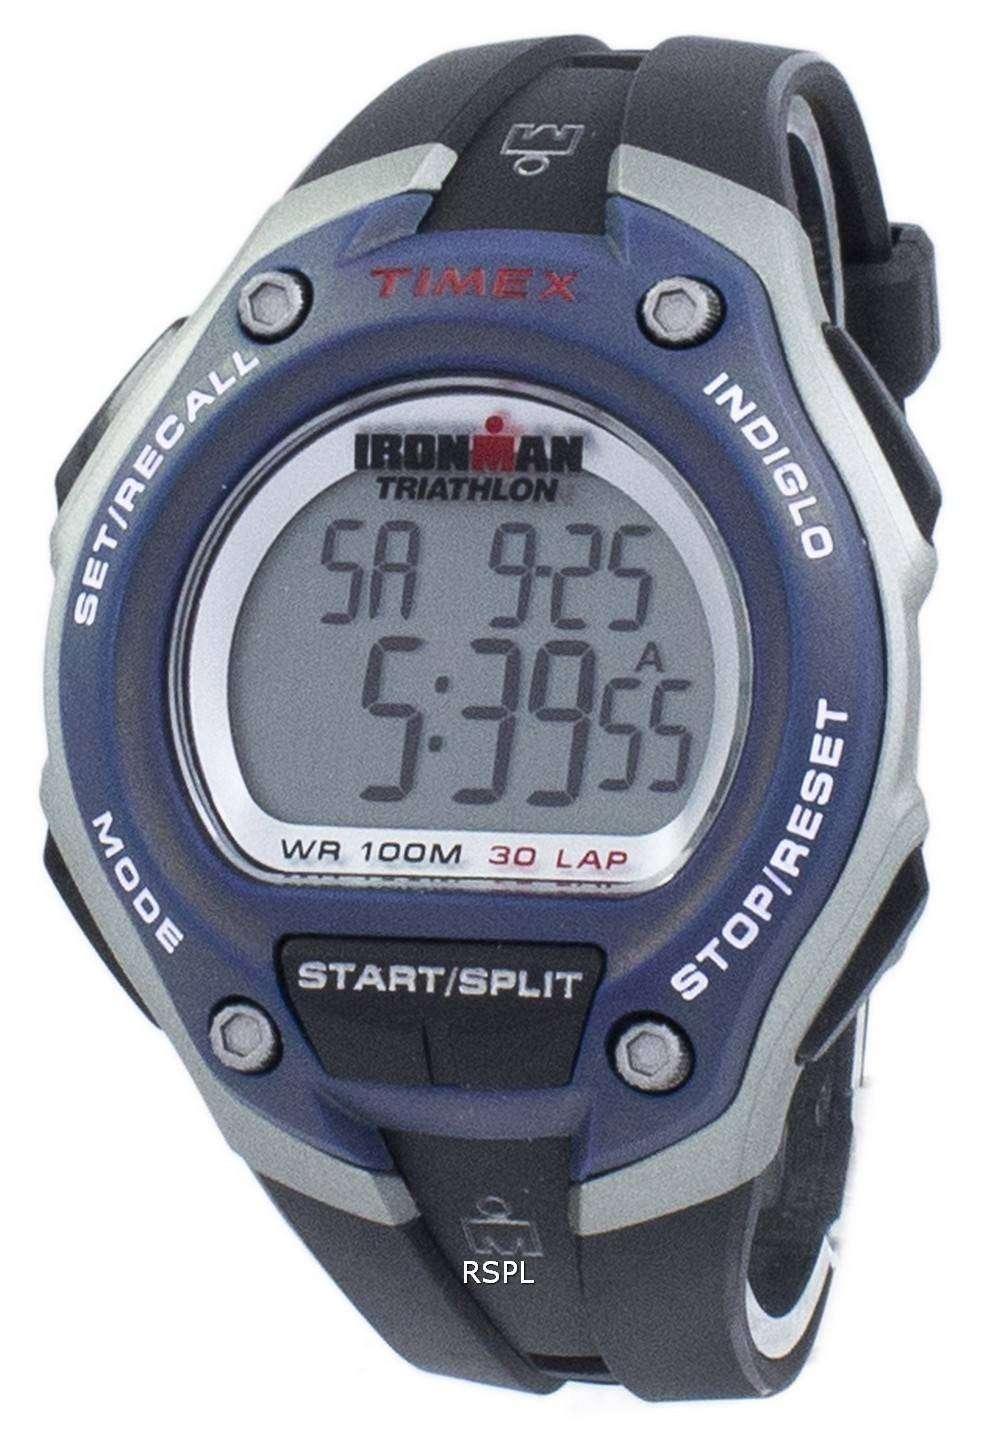 タイメックス アイアンマン トライアスロン 30 ラップ Indiglo デジタル T5K528 メンズ腕時計